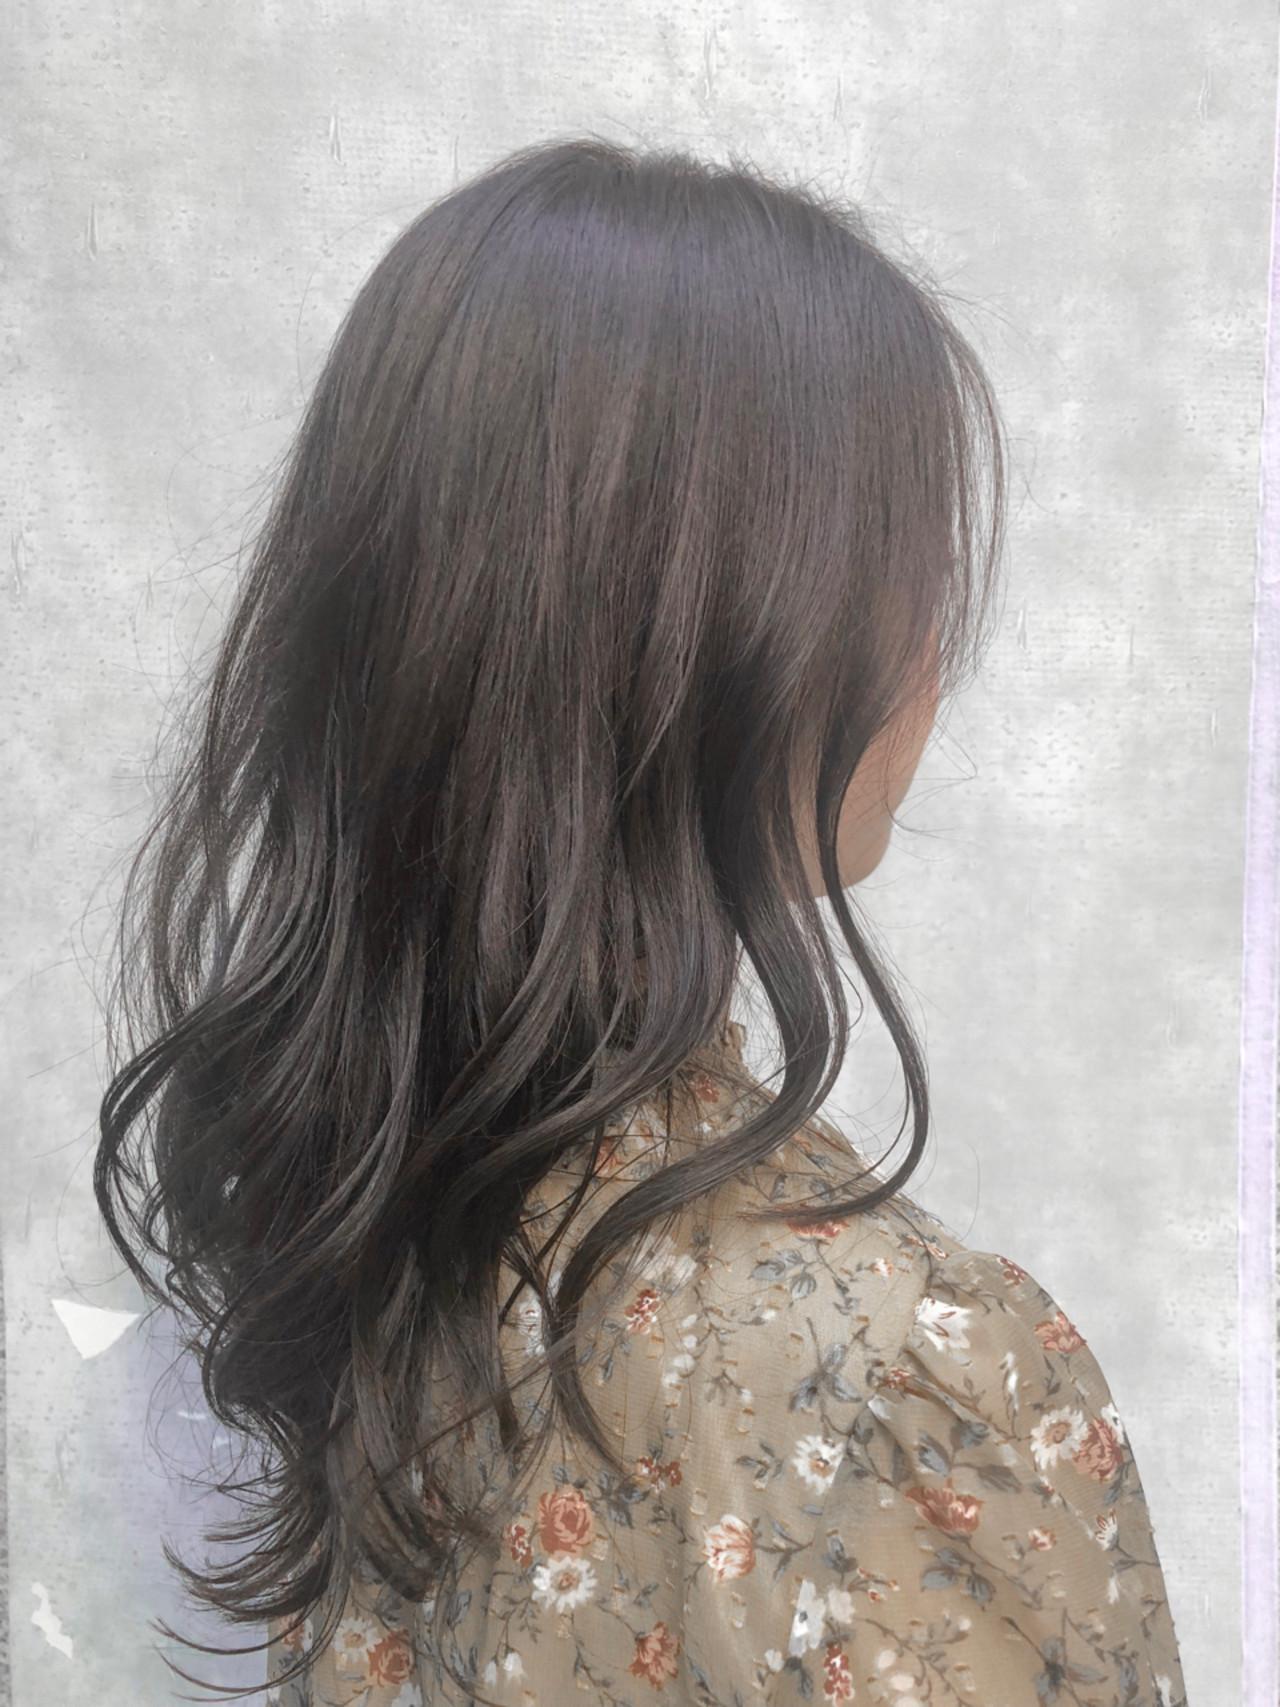 透明感 ウェーブ ナチュラル ミディアム ヘアスタイルや髪型の写真・画像